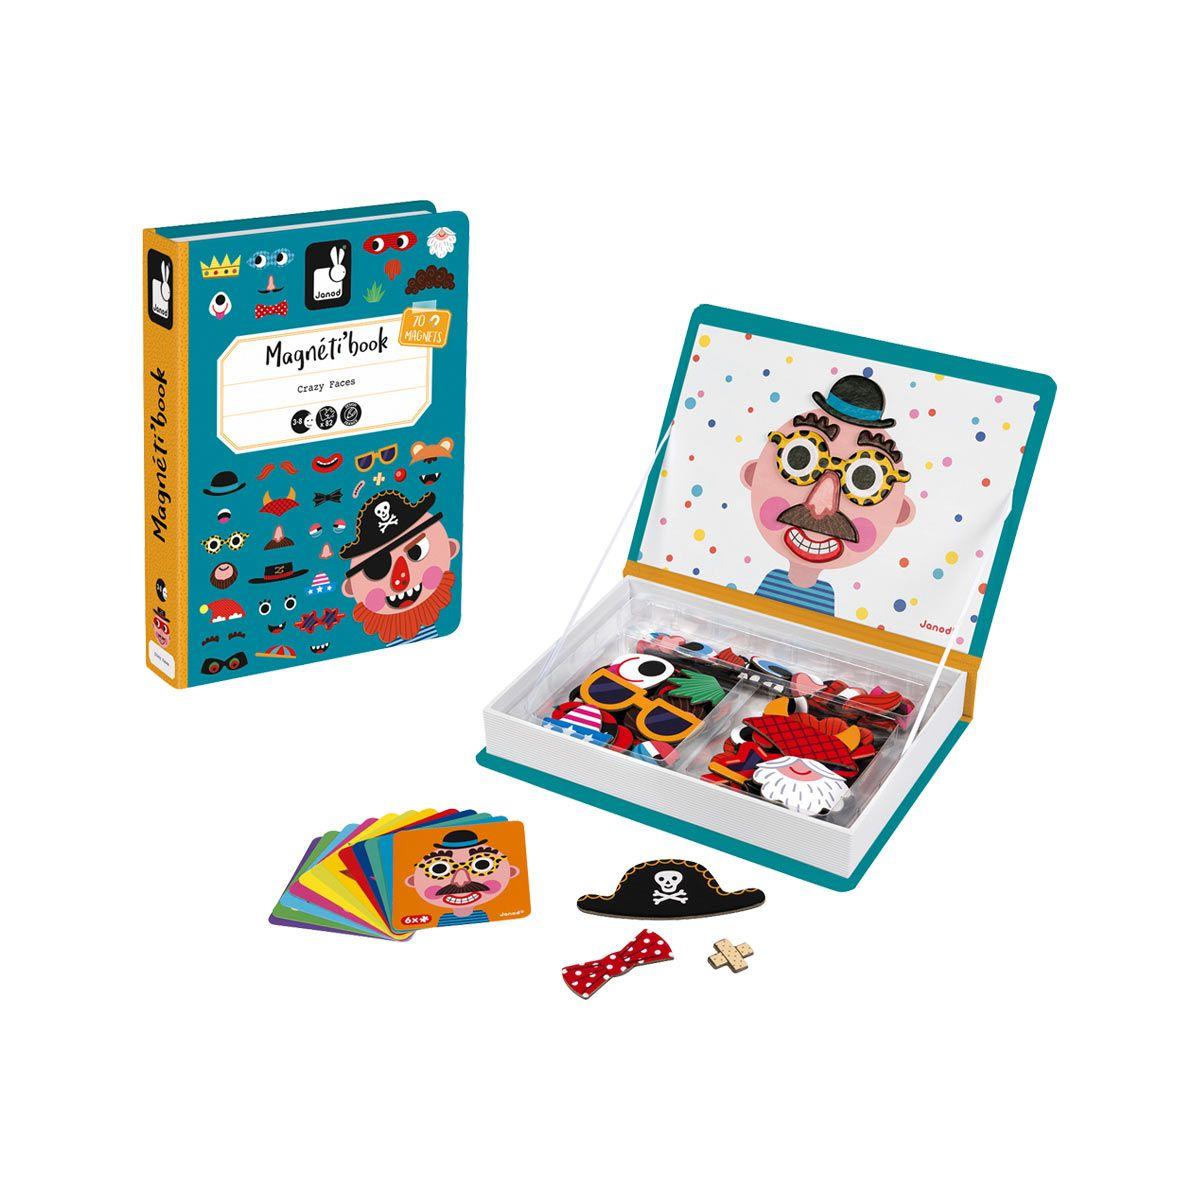 Magneti'book Crazy Face Janod   Jouet Eveil, Jeux Et Jeux Eveil avec Jeux En Ligne Enfant 3 Ans